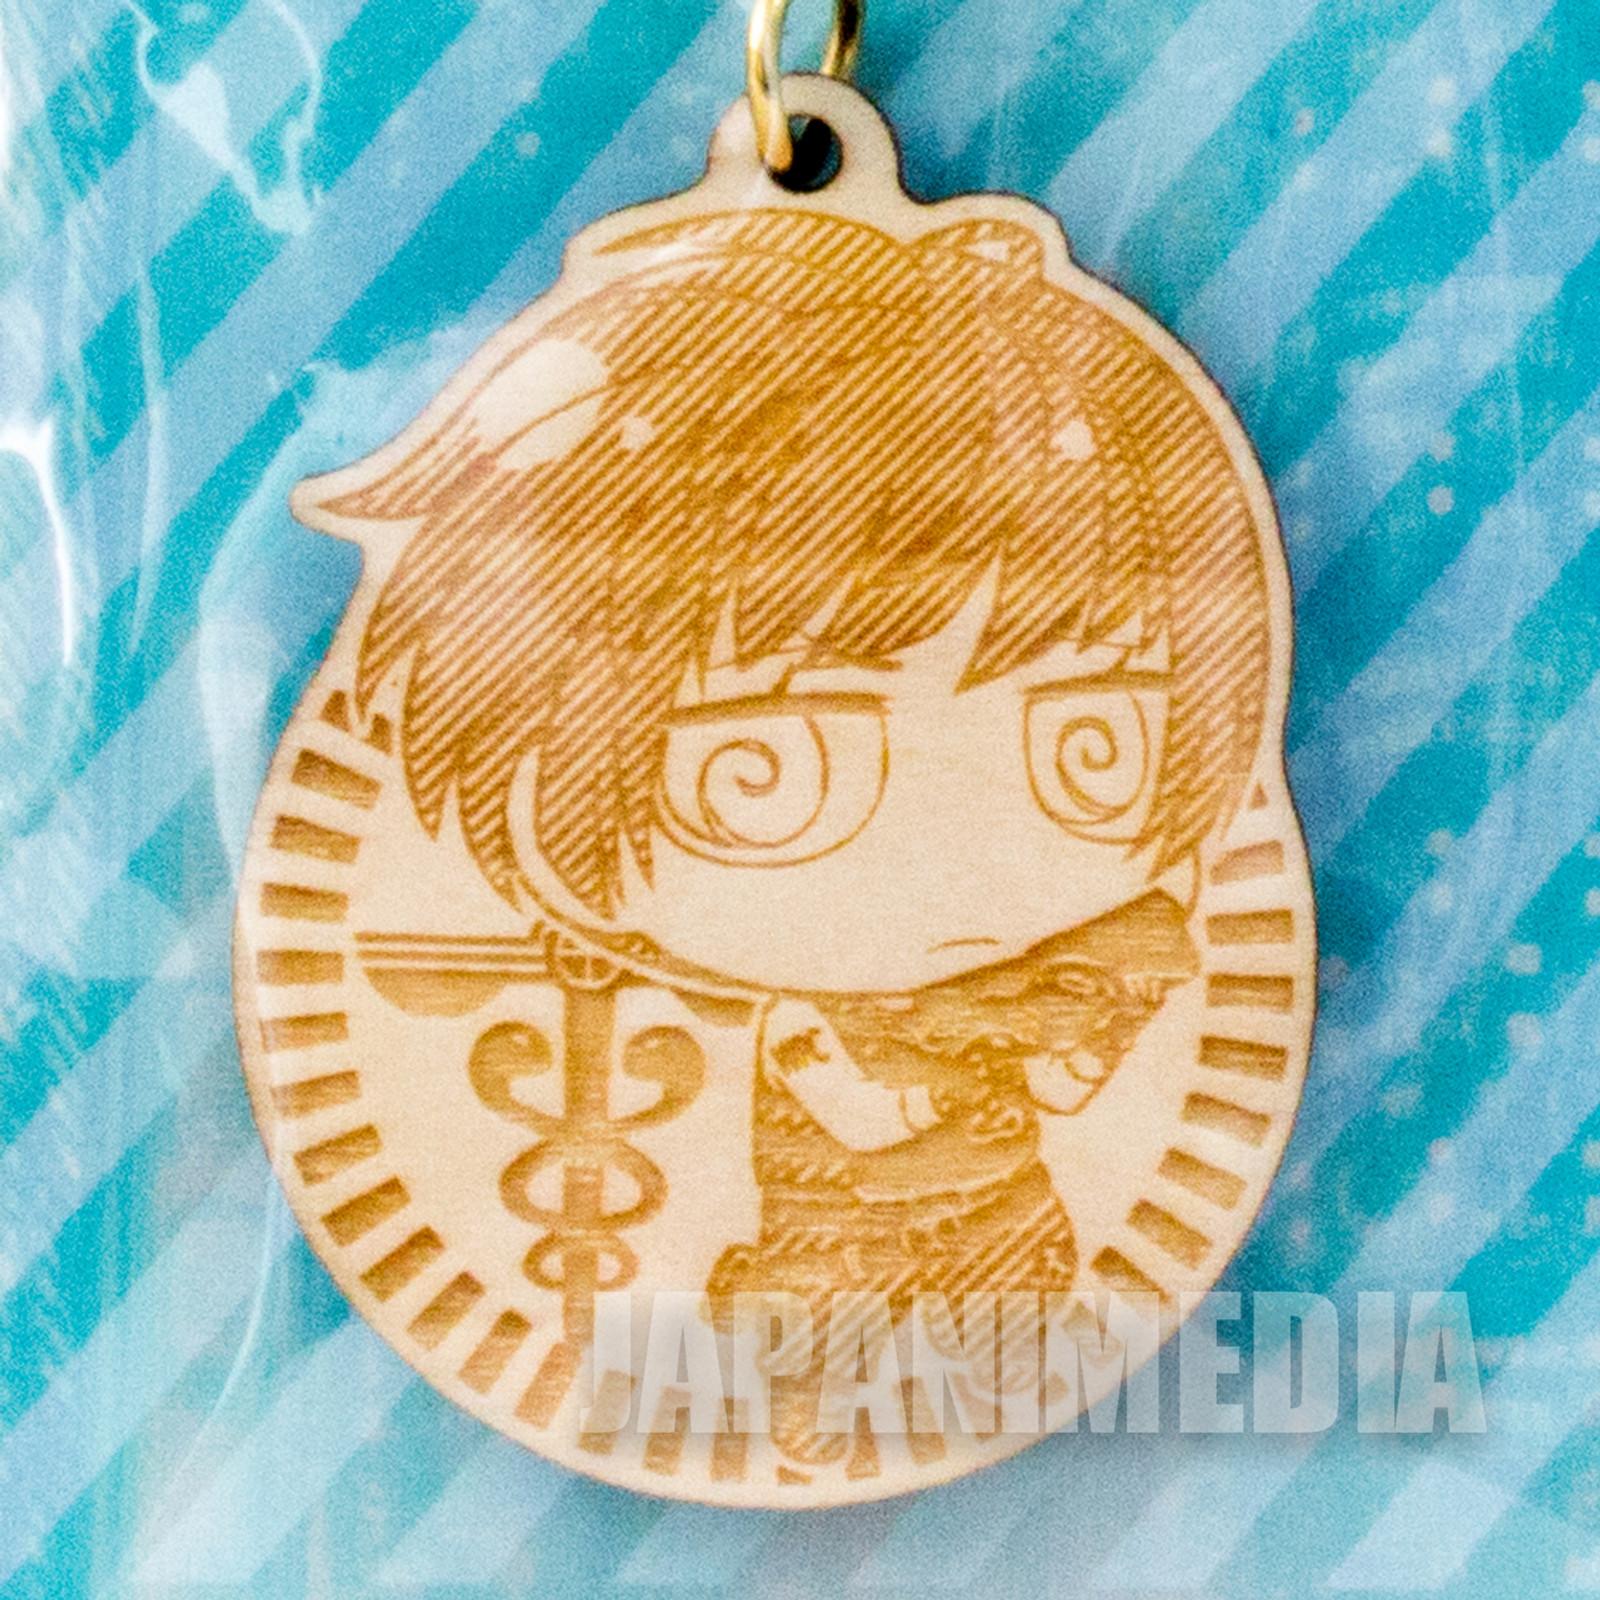 Psycho-Pass Akane Tsunemori Wooden Mascot Strap JAPAN ANIME MANGA